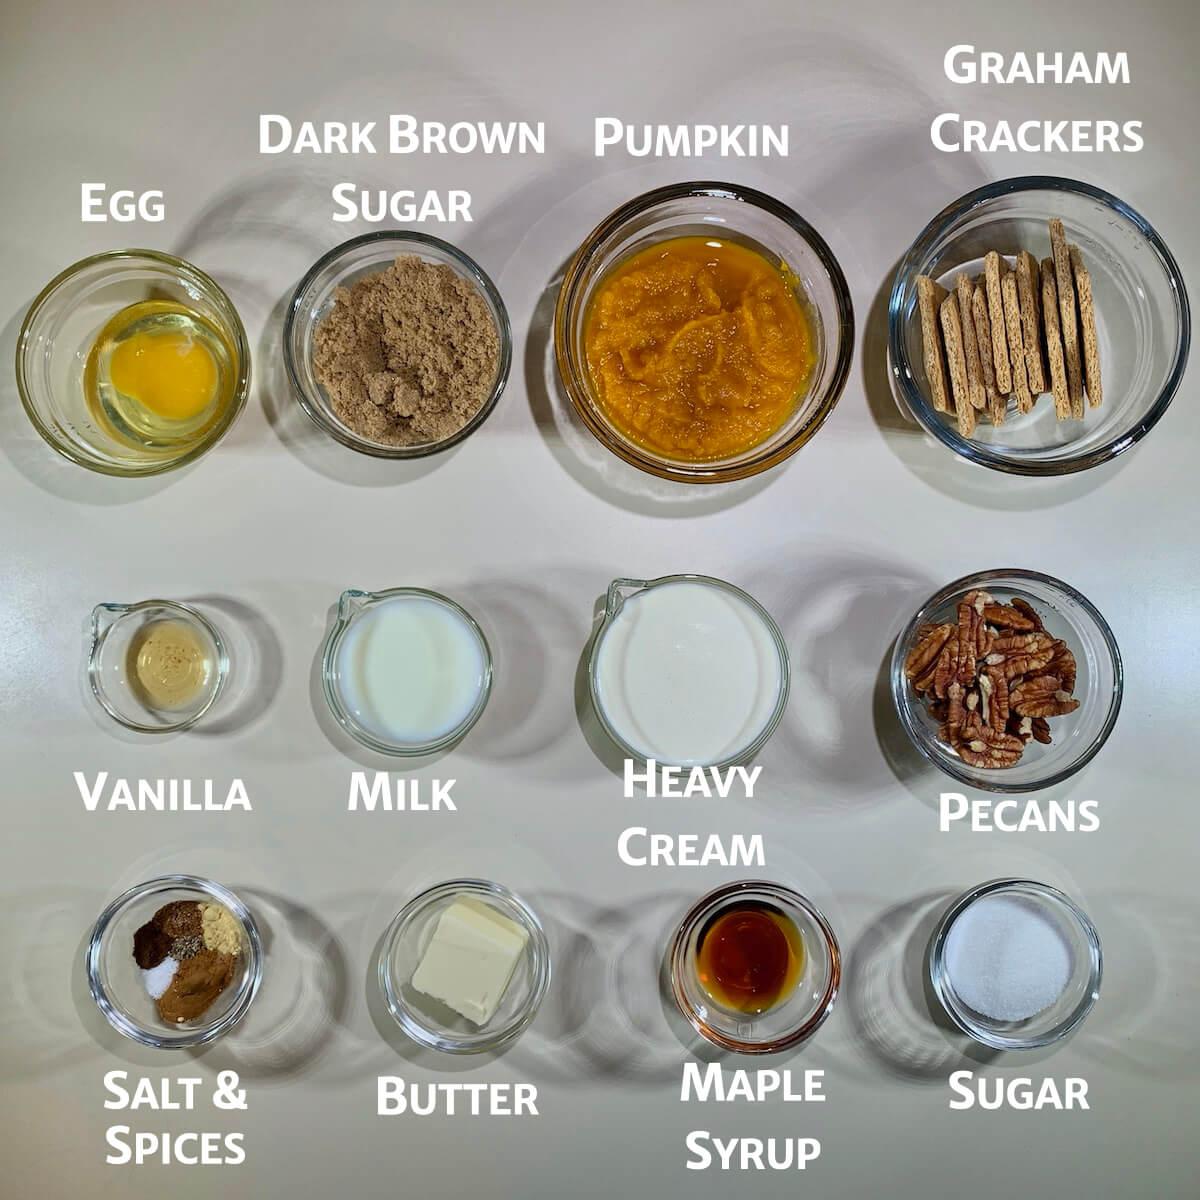 Praline Pumpkin Pie ingredients from overhead marked